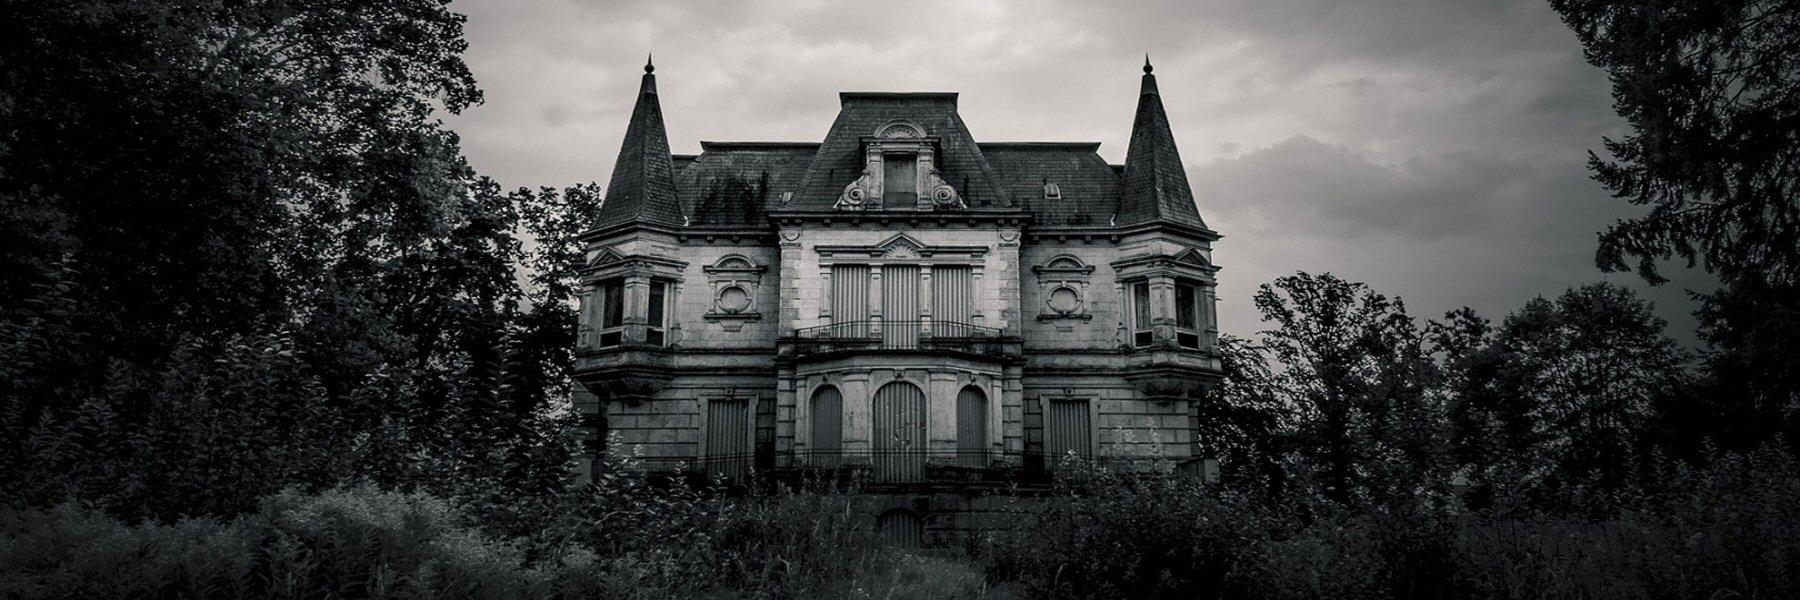 Greymoor Hall